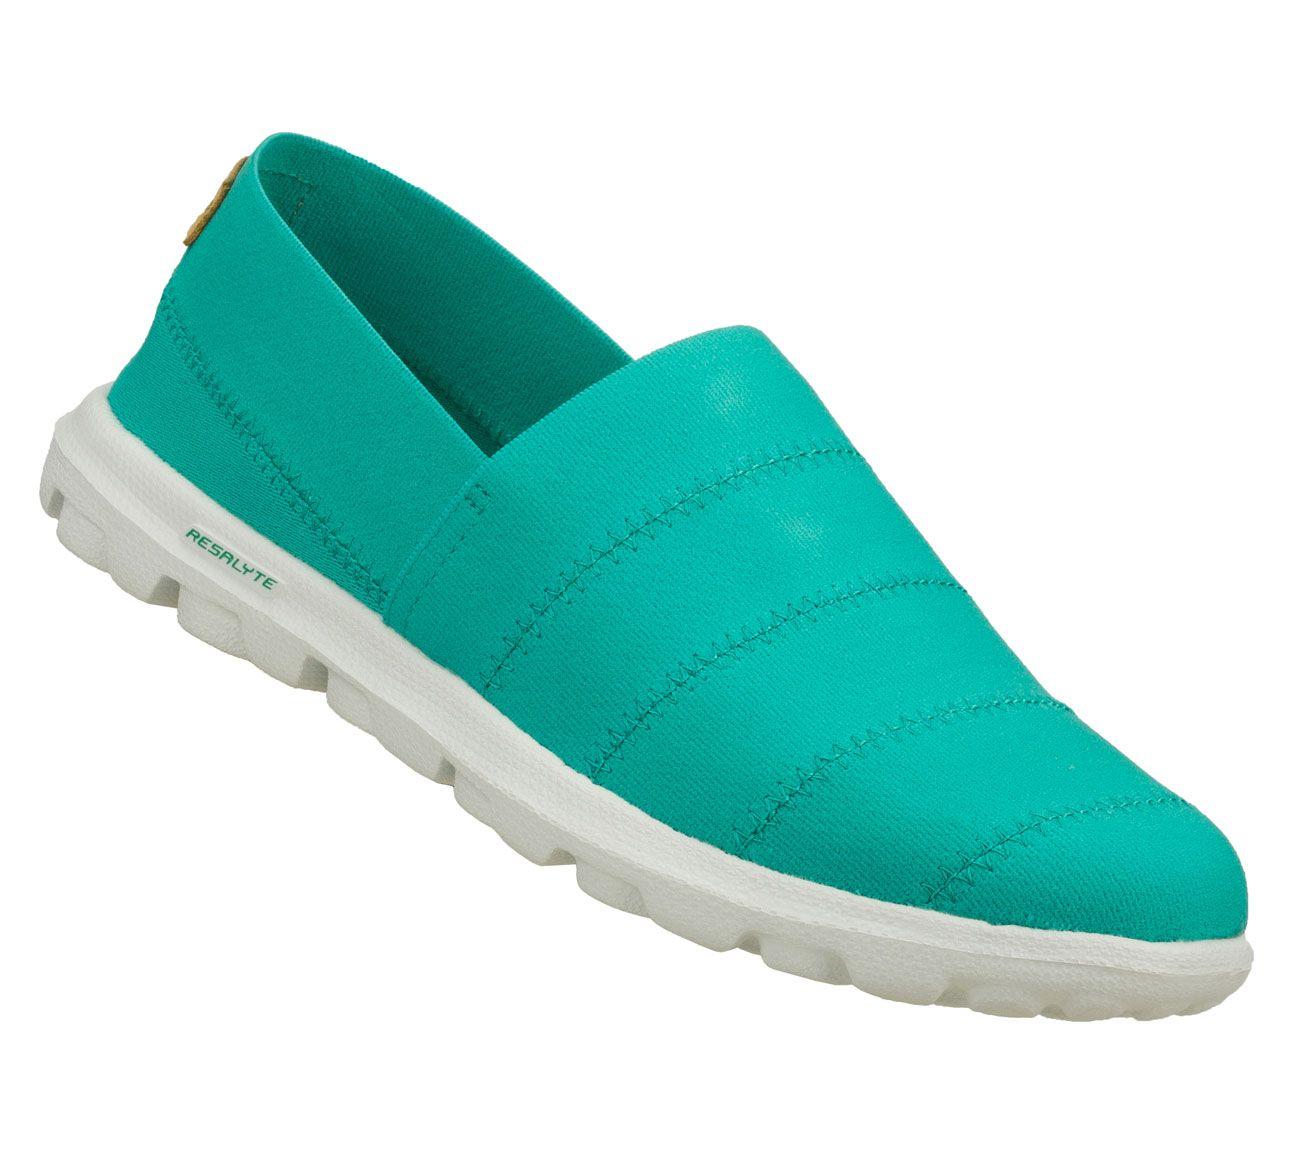 Buy SKECHERS Women's Skechers GOwalk Oasis Walking Shoes